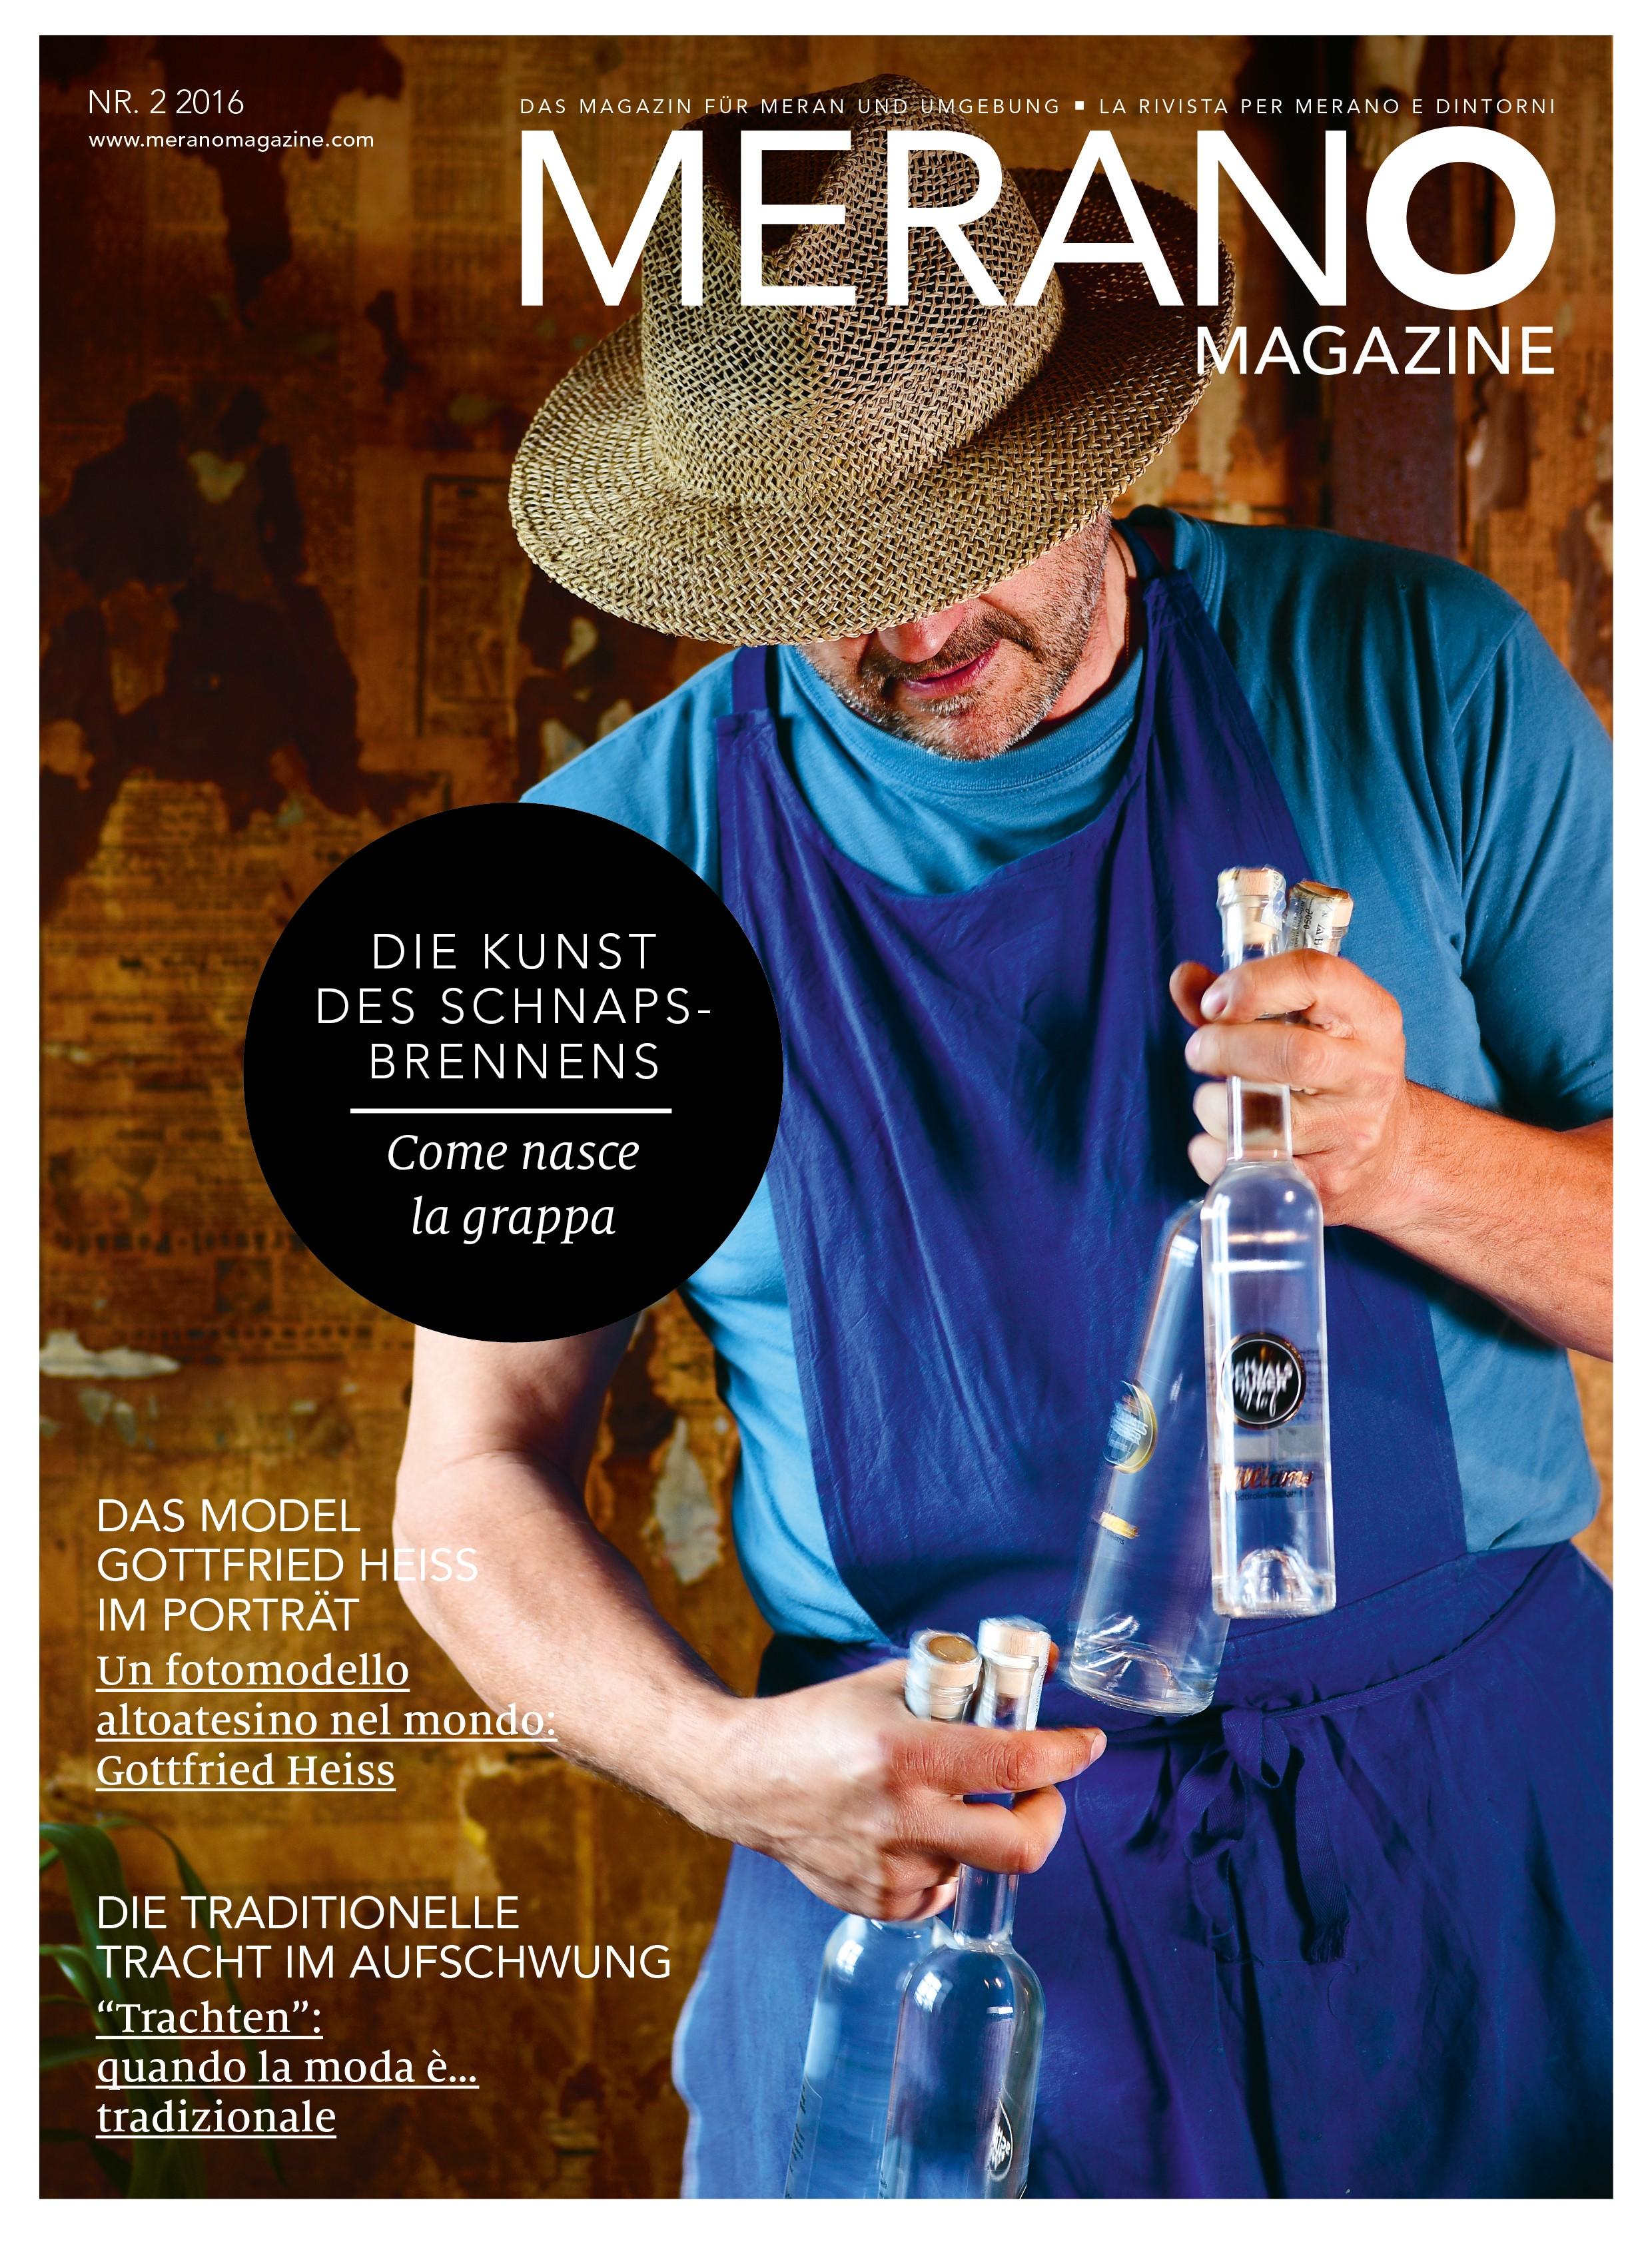 160929 Merano Magazine Cover.jpg